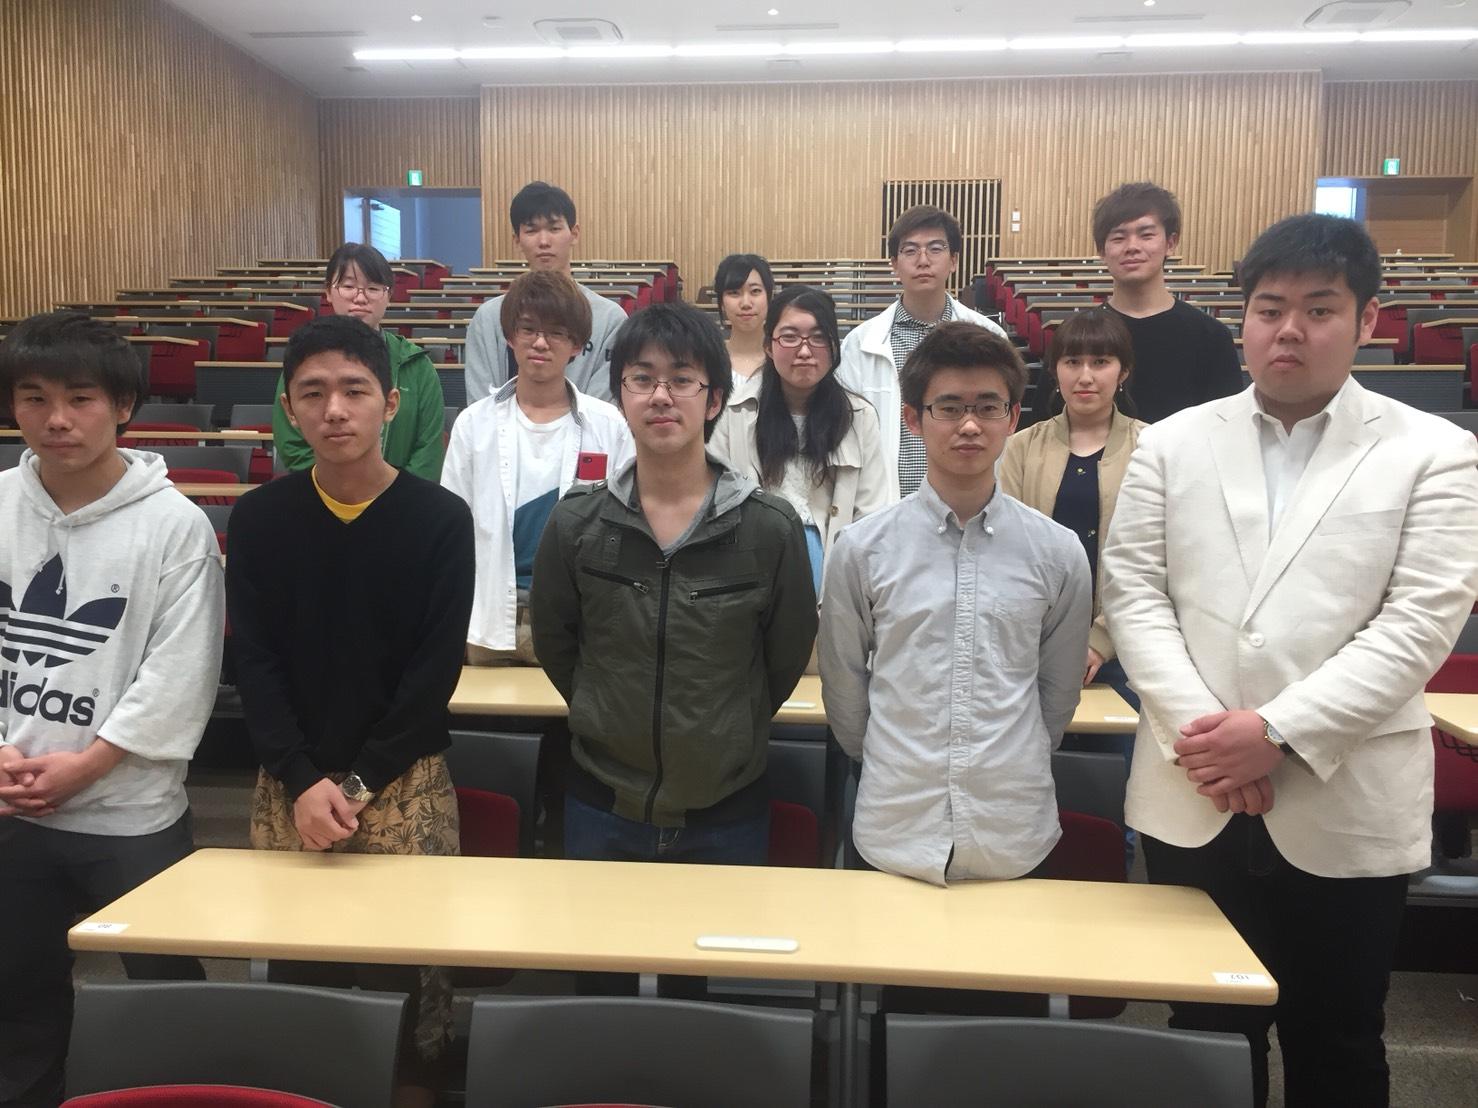 昼間部学生自治会事務局